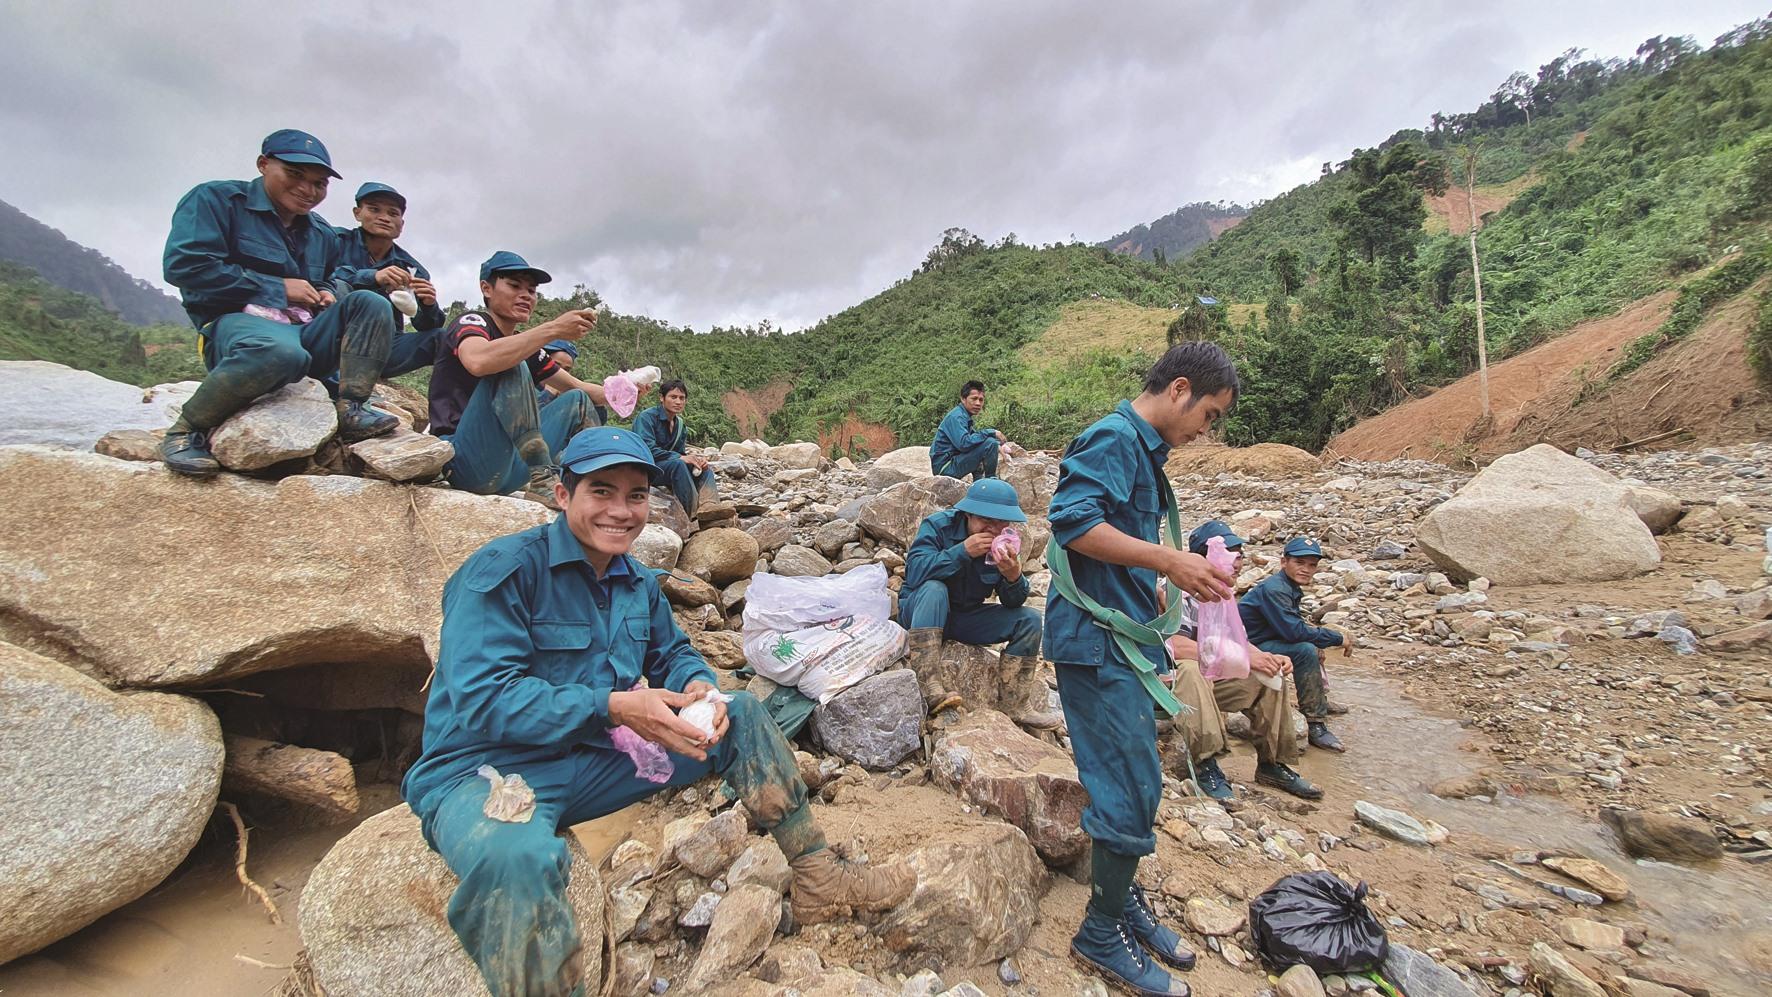 Bữa trưa của lực lượng dân quân xã Phước Kim gùi cõng hàng chi viện cho Phước Thành chỉ có nắm cơm và một ít cá khô, ngay bên lòng sông Trà Văn. Ảnh: G.C